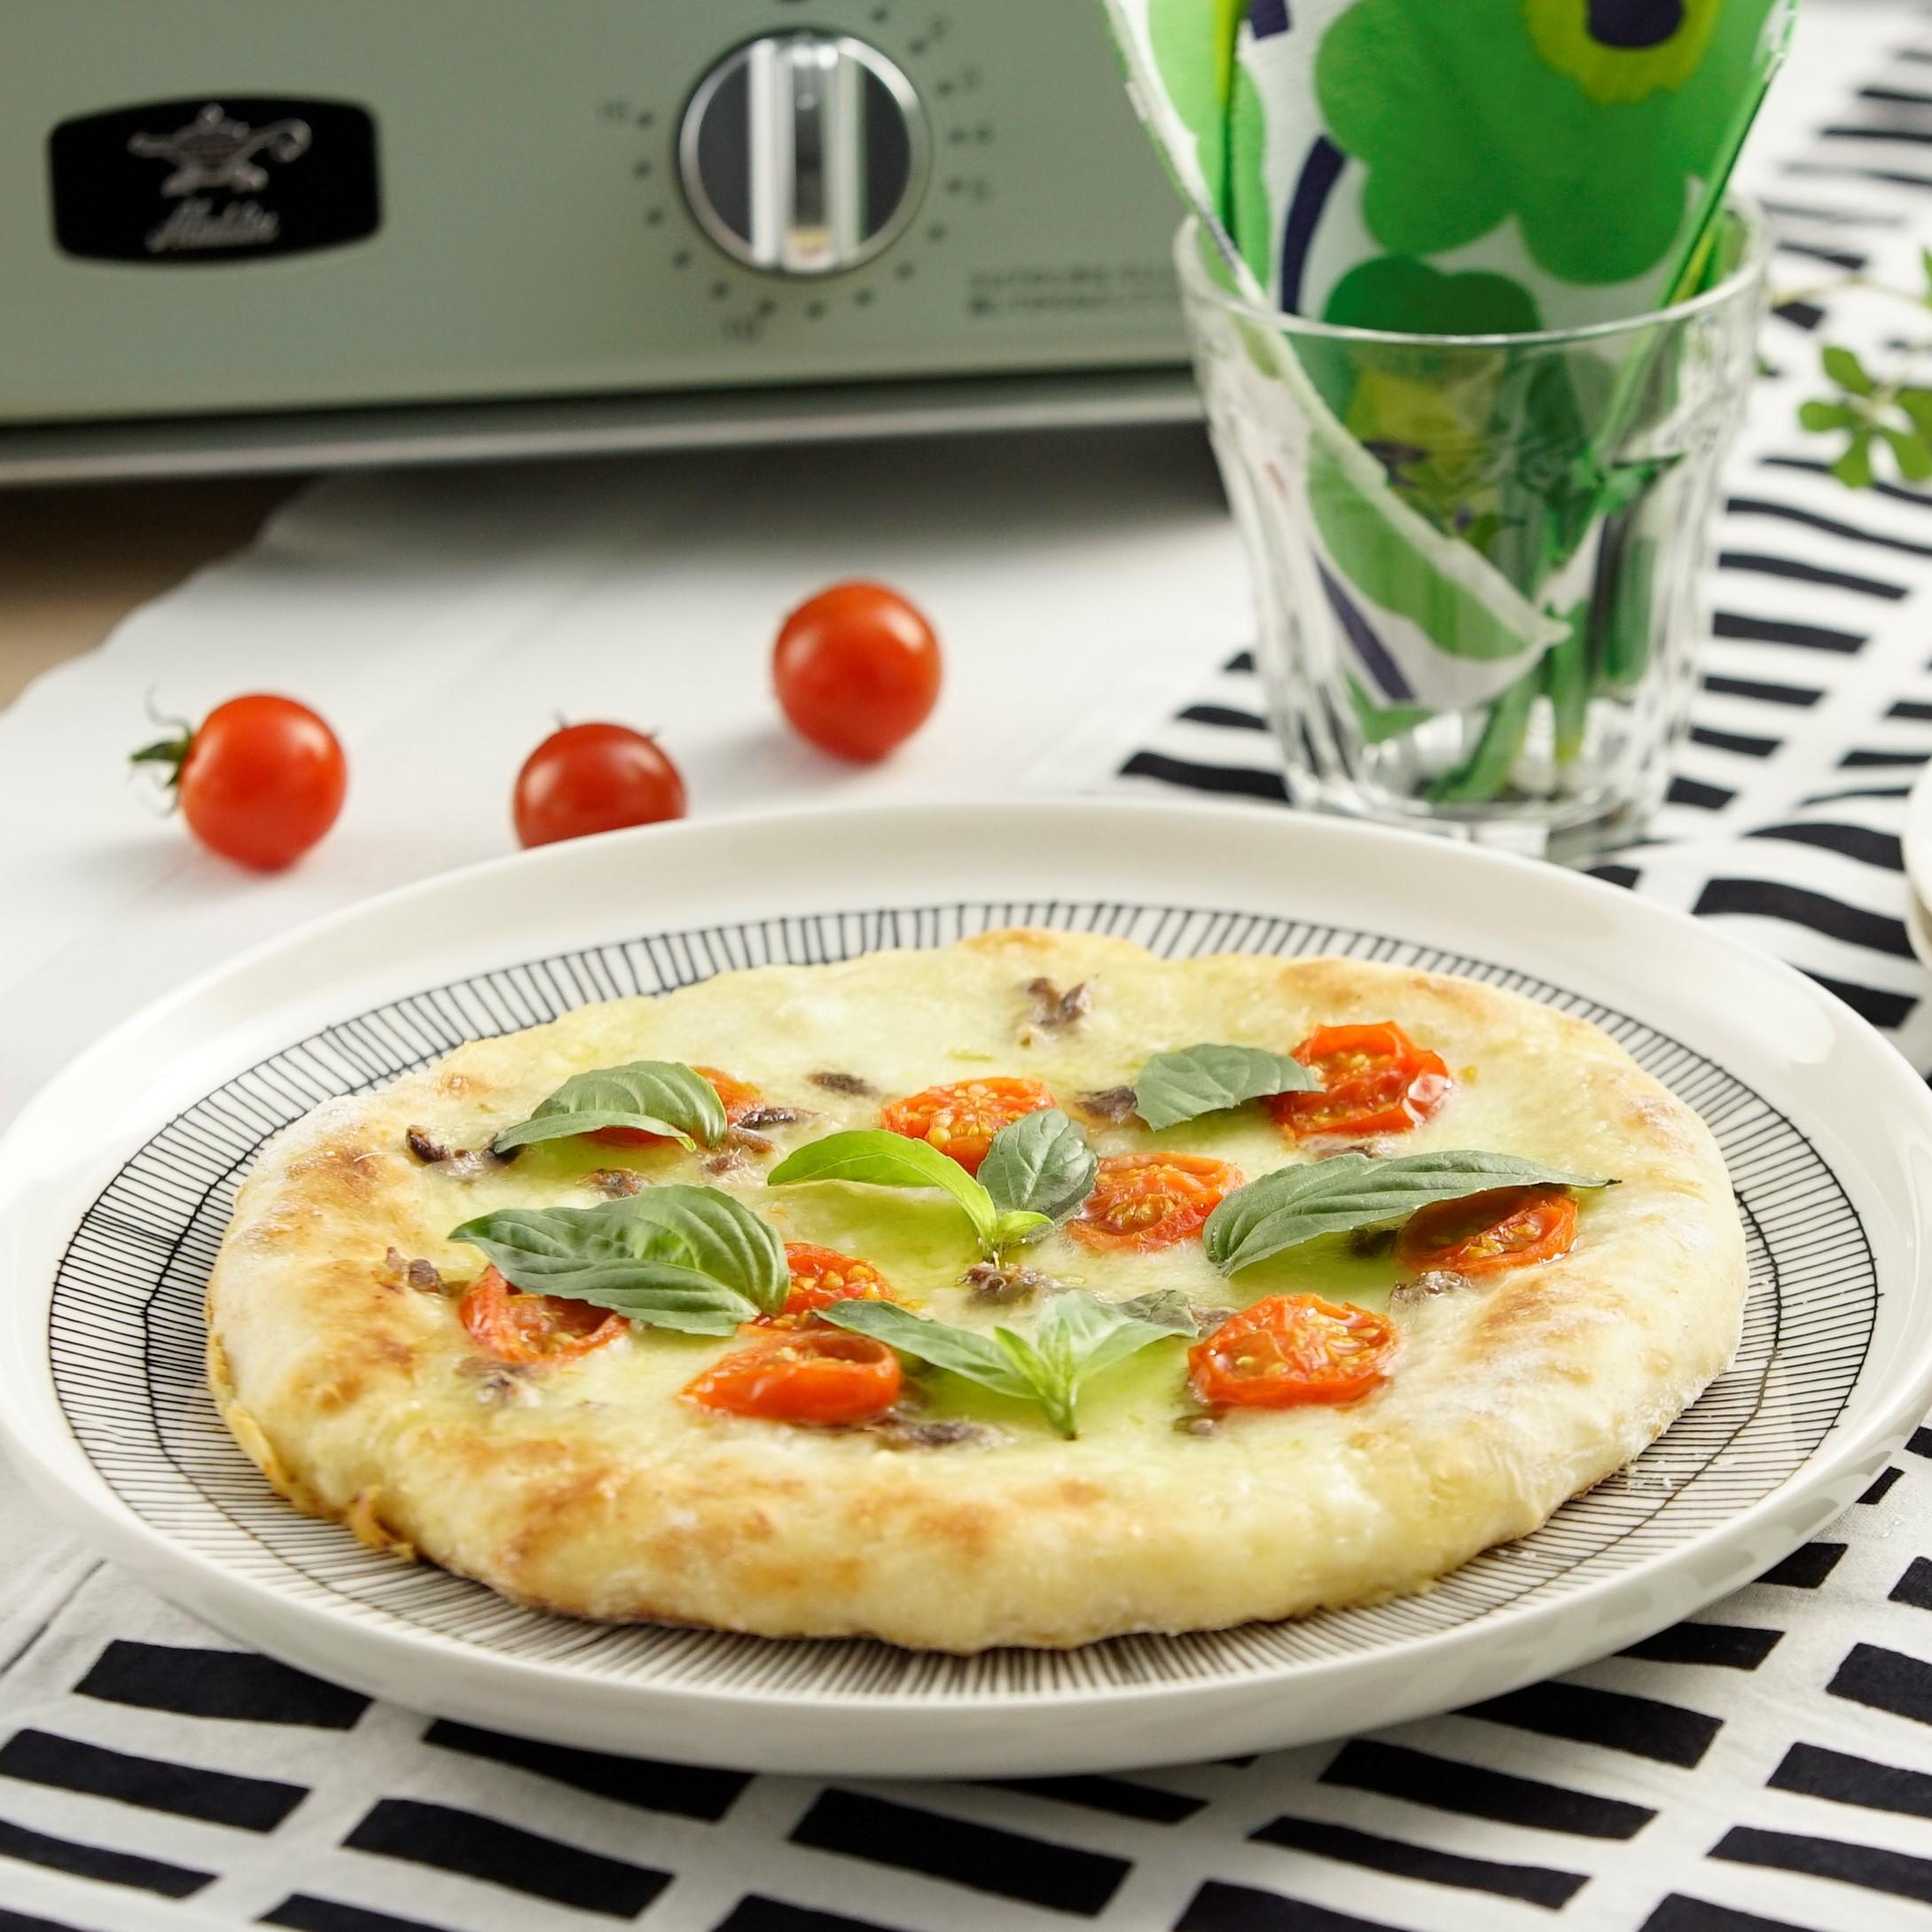 モッツァレラチーズとアンチョビのパンピザ